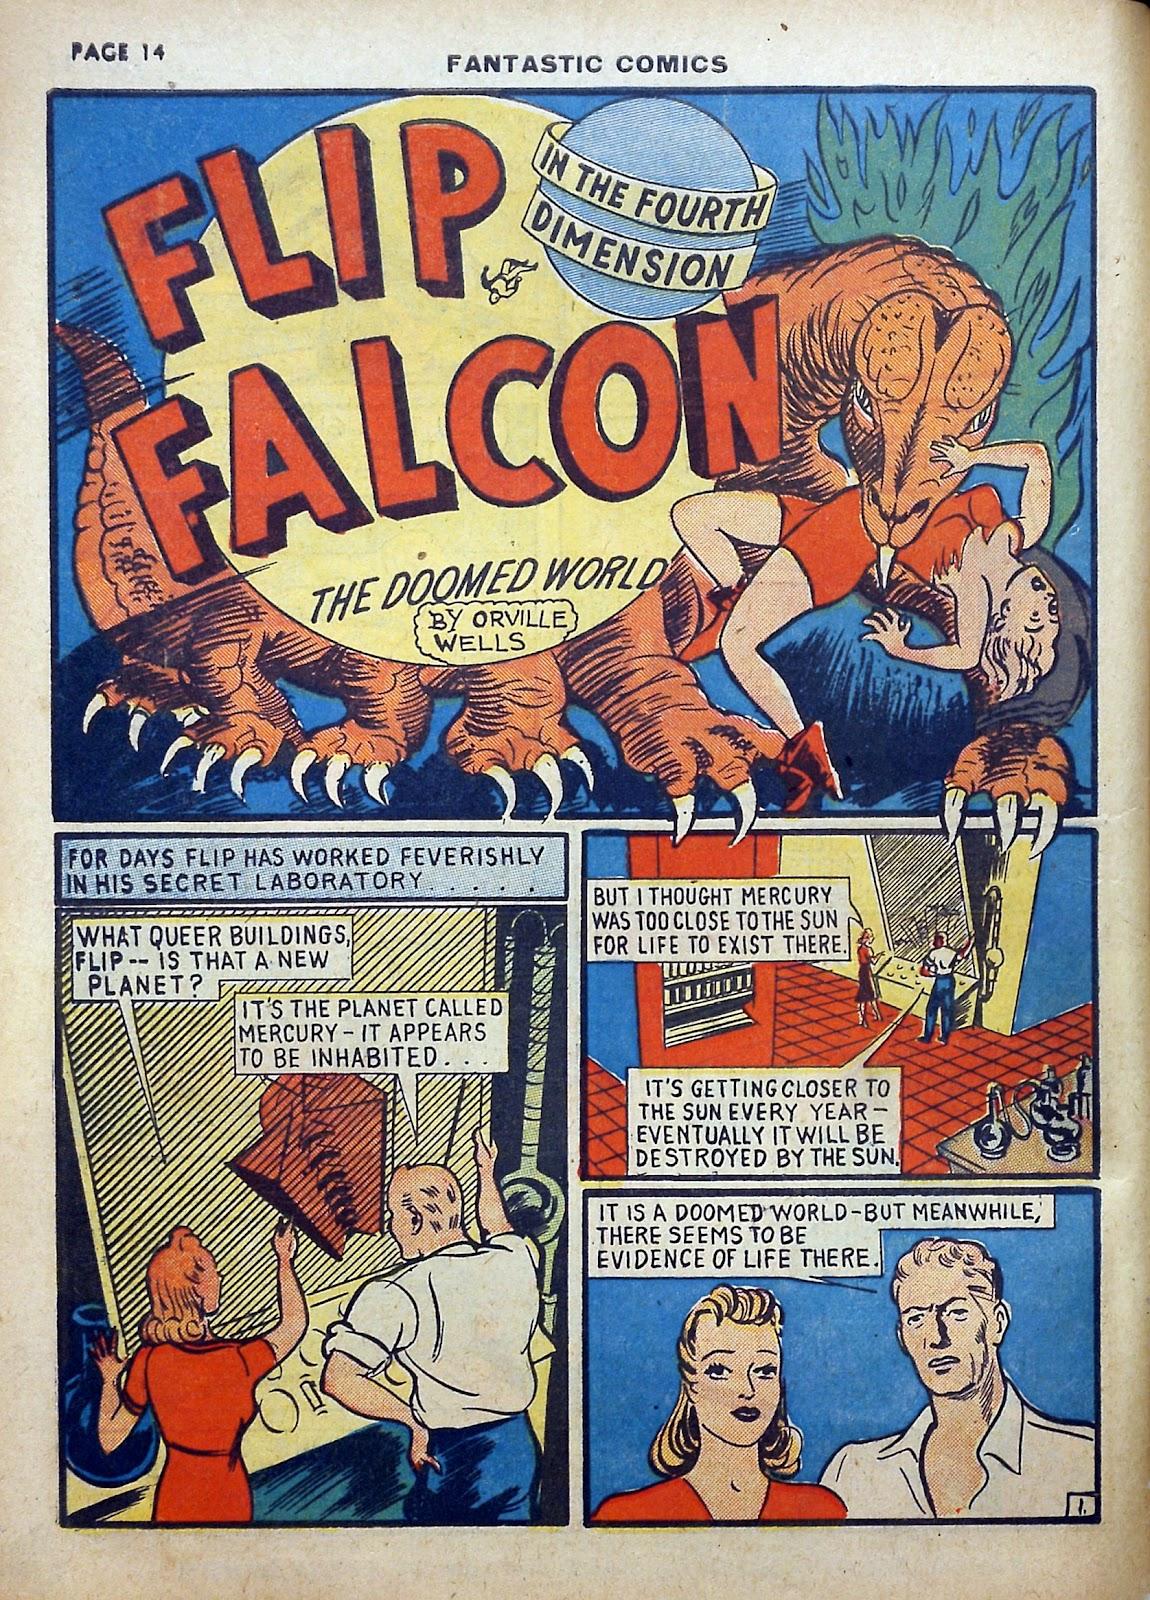 Read online Fantastic Comics comic -  Issue #5 - 15